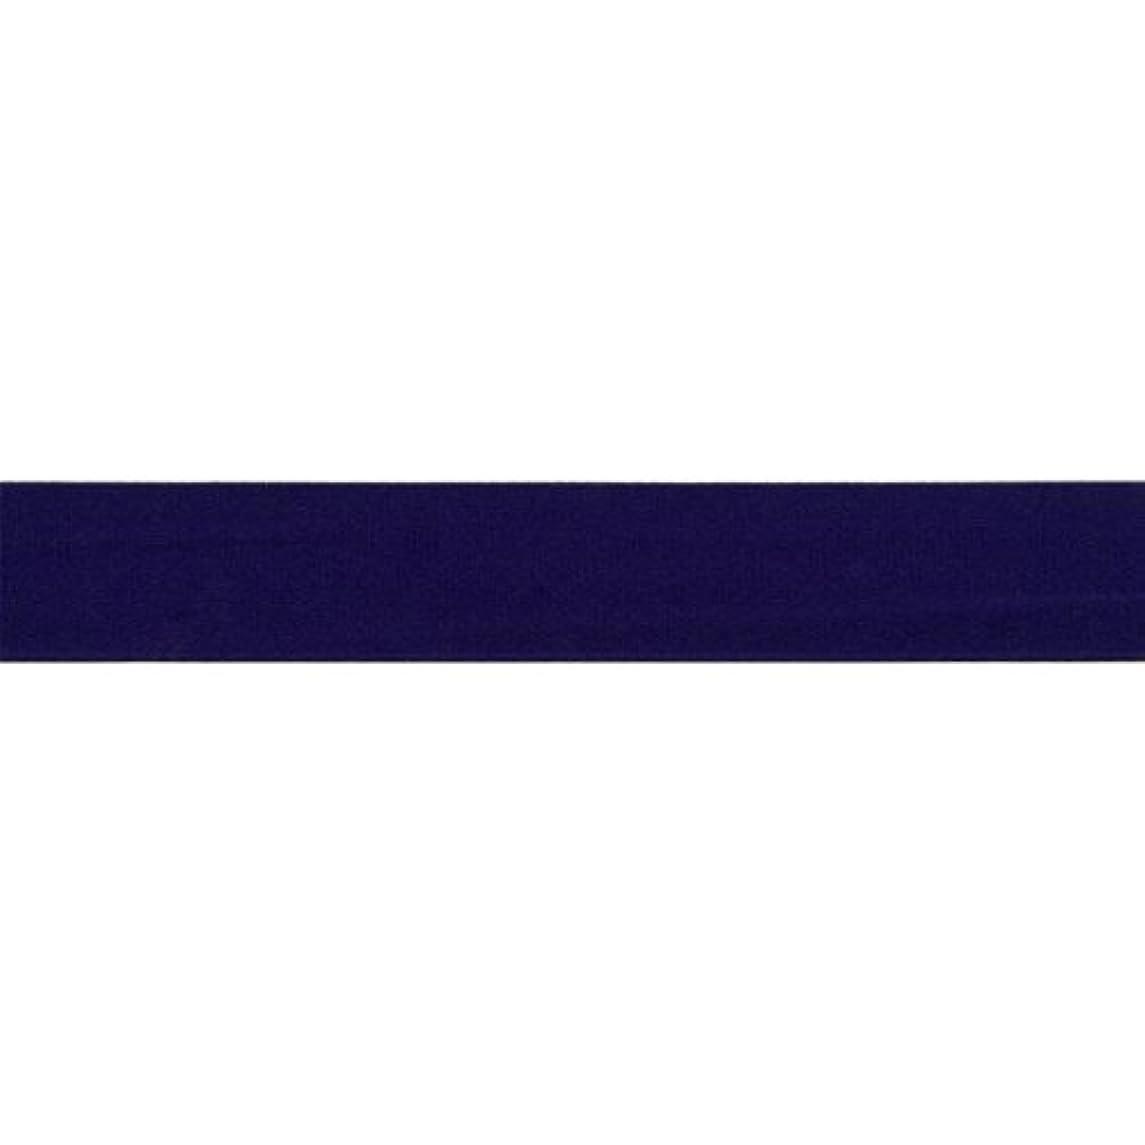 Offray Grosgrain Craft Ribbon, 7/8-Inch x 18-Feet, Regal Purple